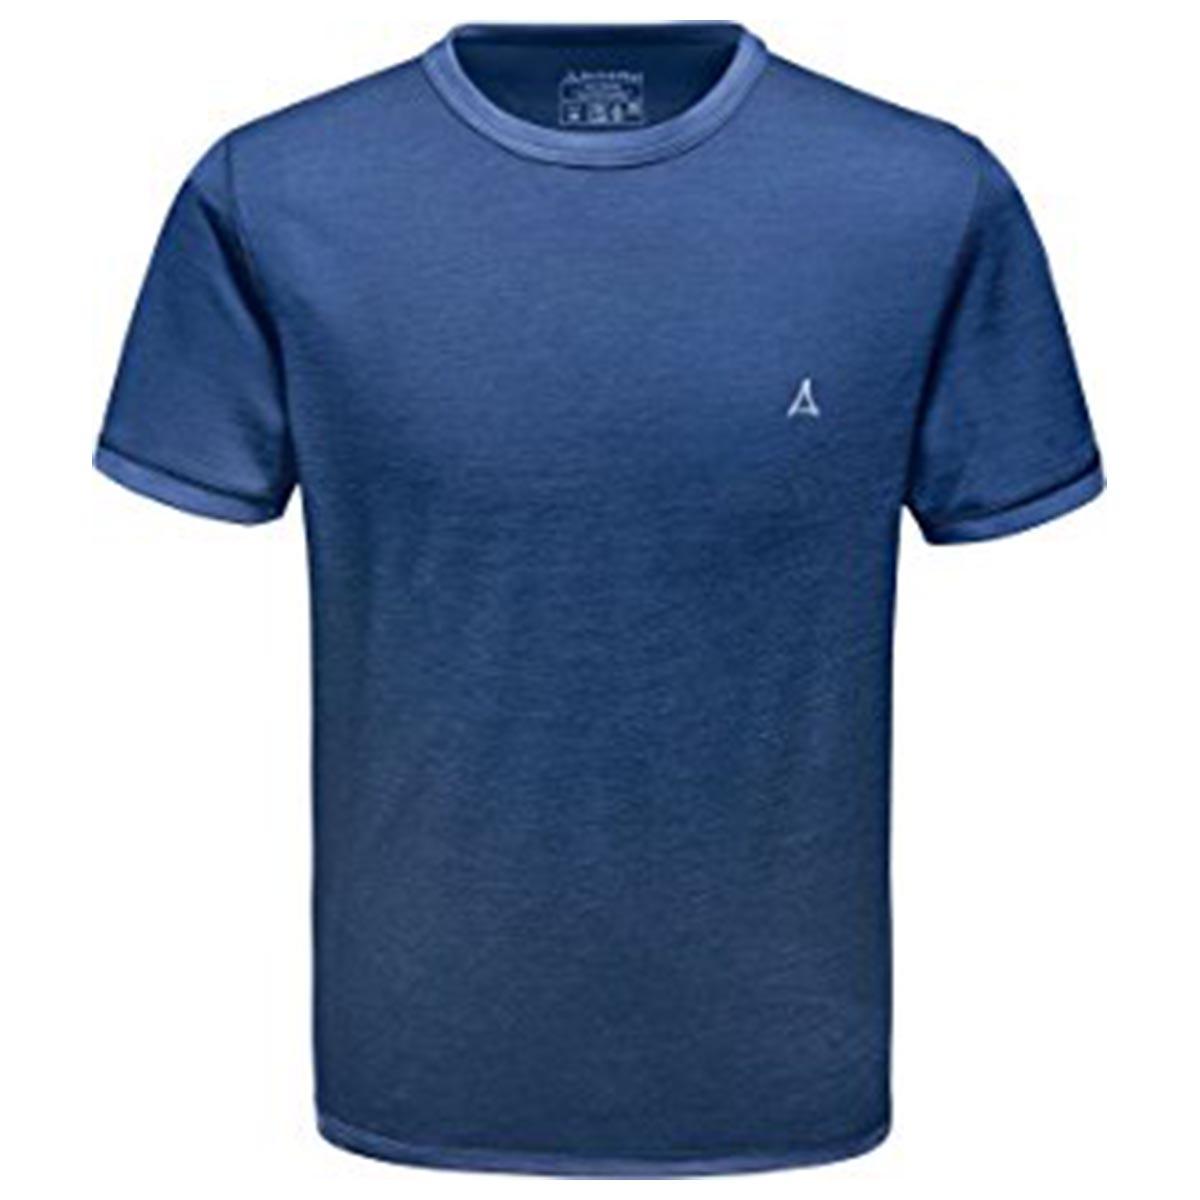 Schöffel Merino Sport Shirt Herren 1/2 Arm blau